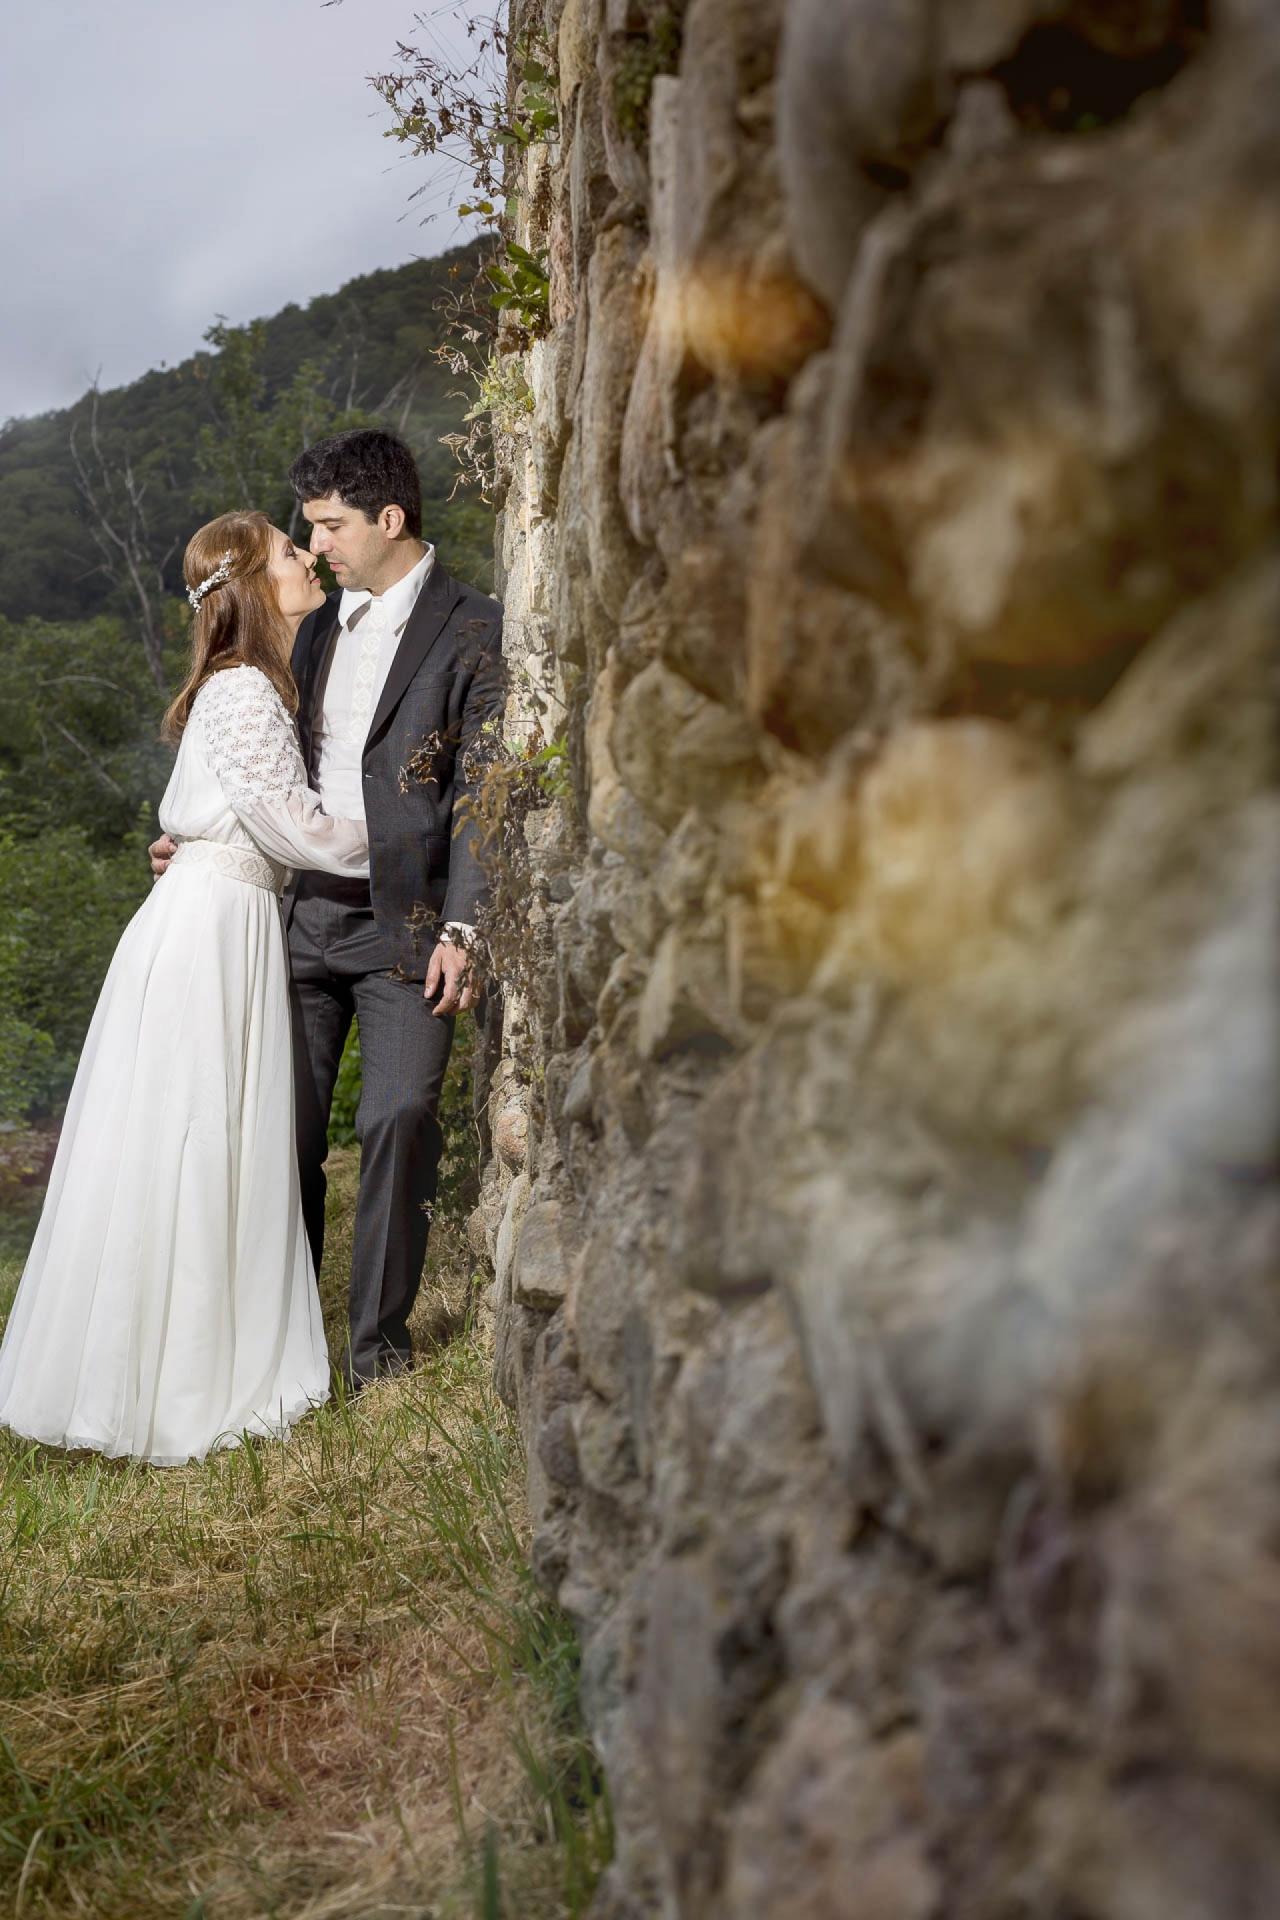 Irina & Adrian – Love Story 2016